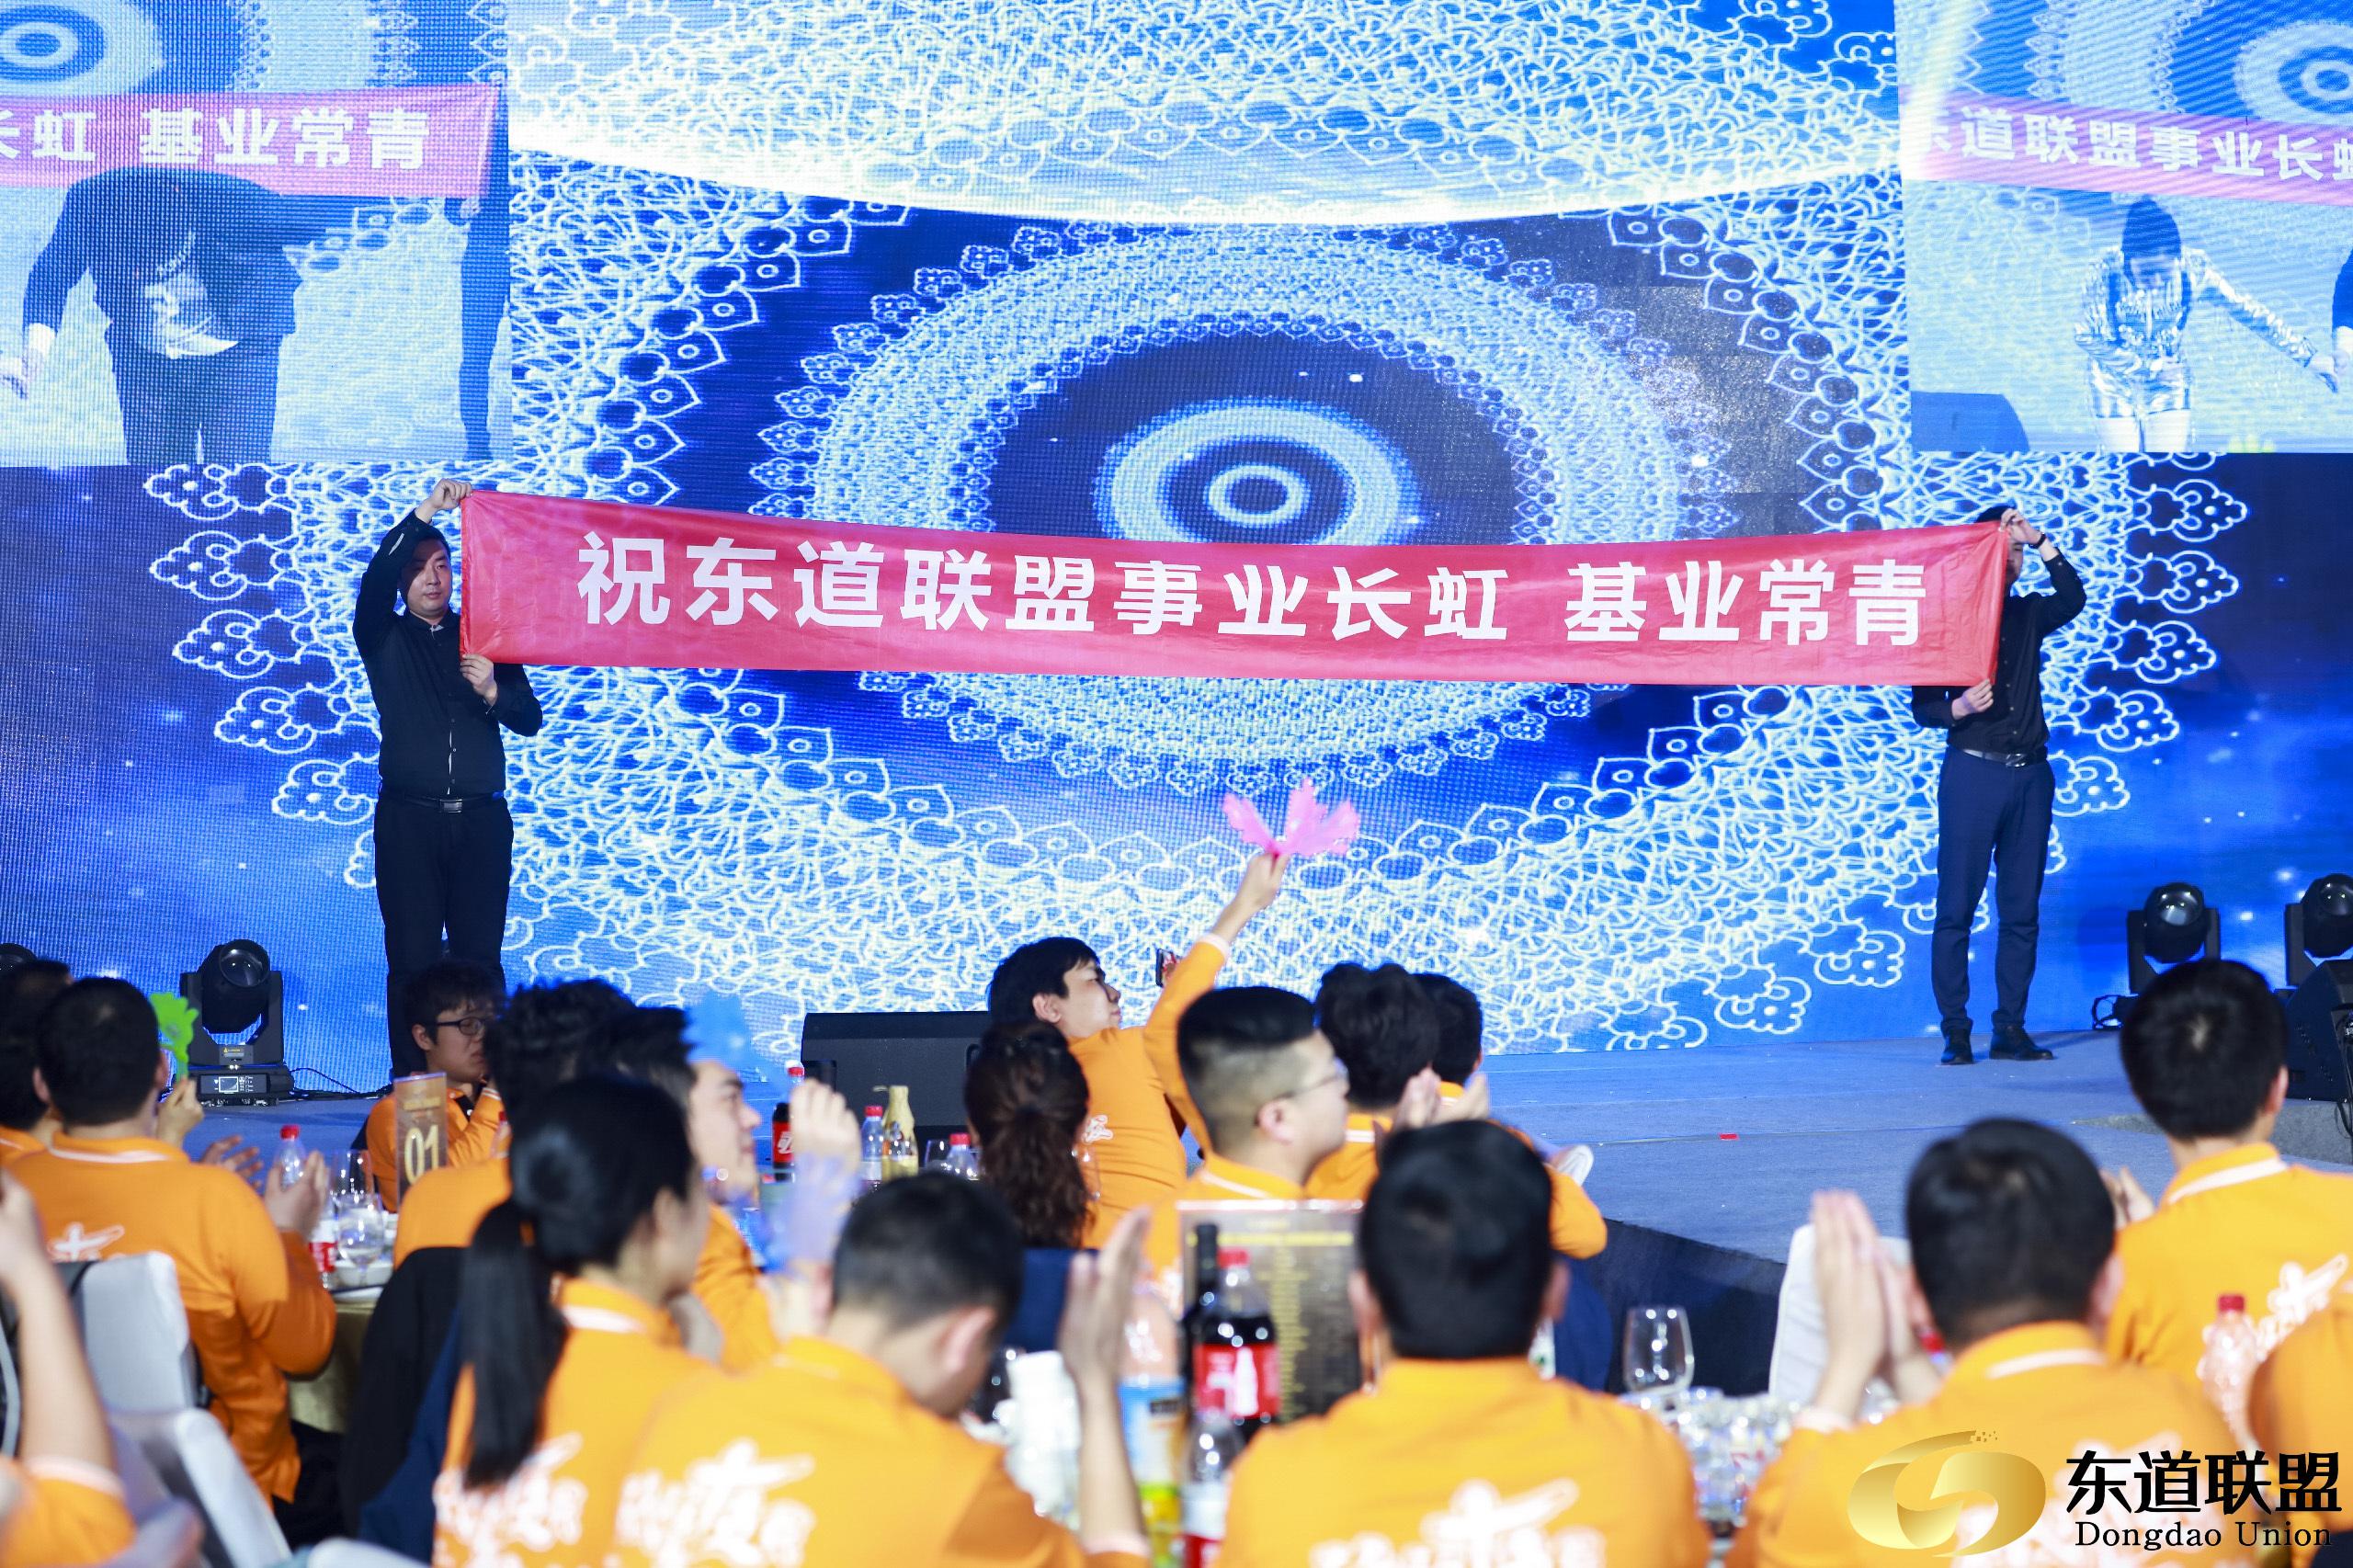 鱼跃巅峰,初心依旧——2018东道联盟新春年会颁奖盛典圆满落幕